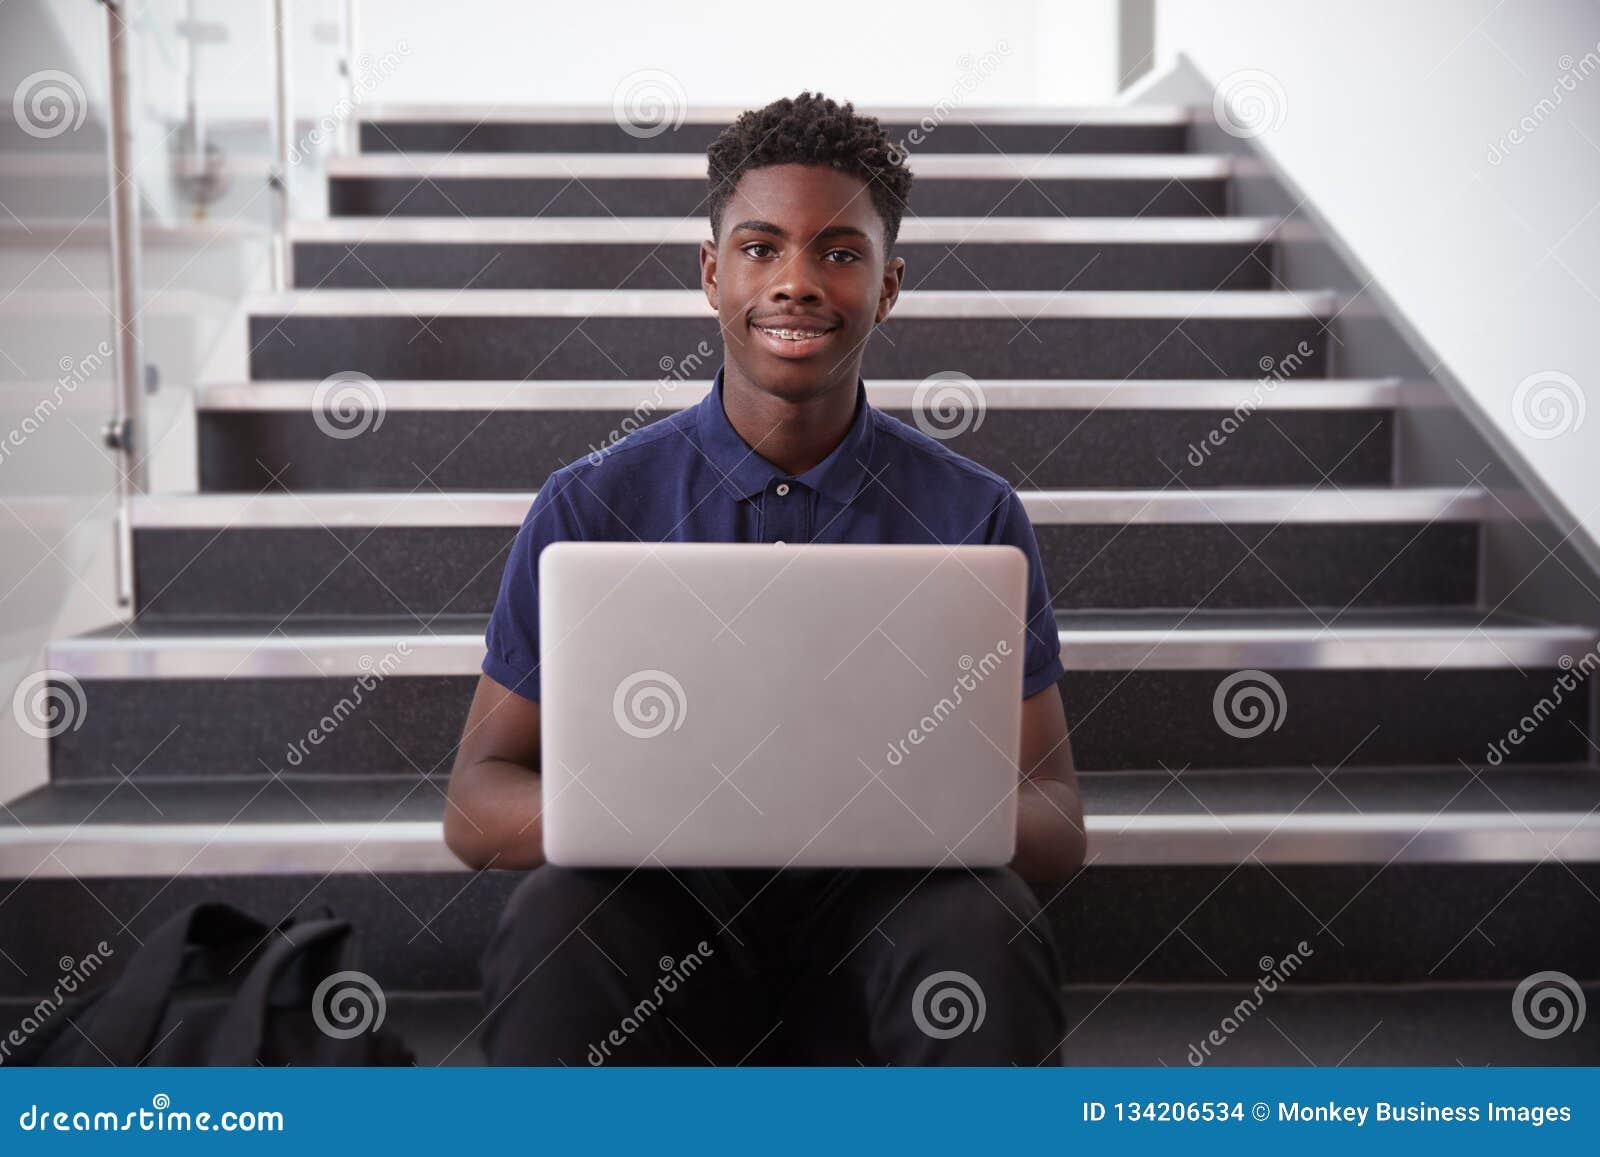 Portret van Mannelijke Middelbare schoolstudent Sitting On Staircase en het Gebruiken van Laptop